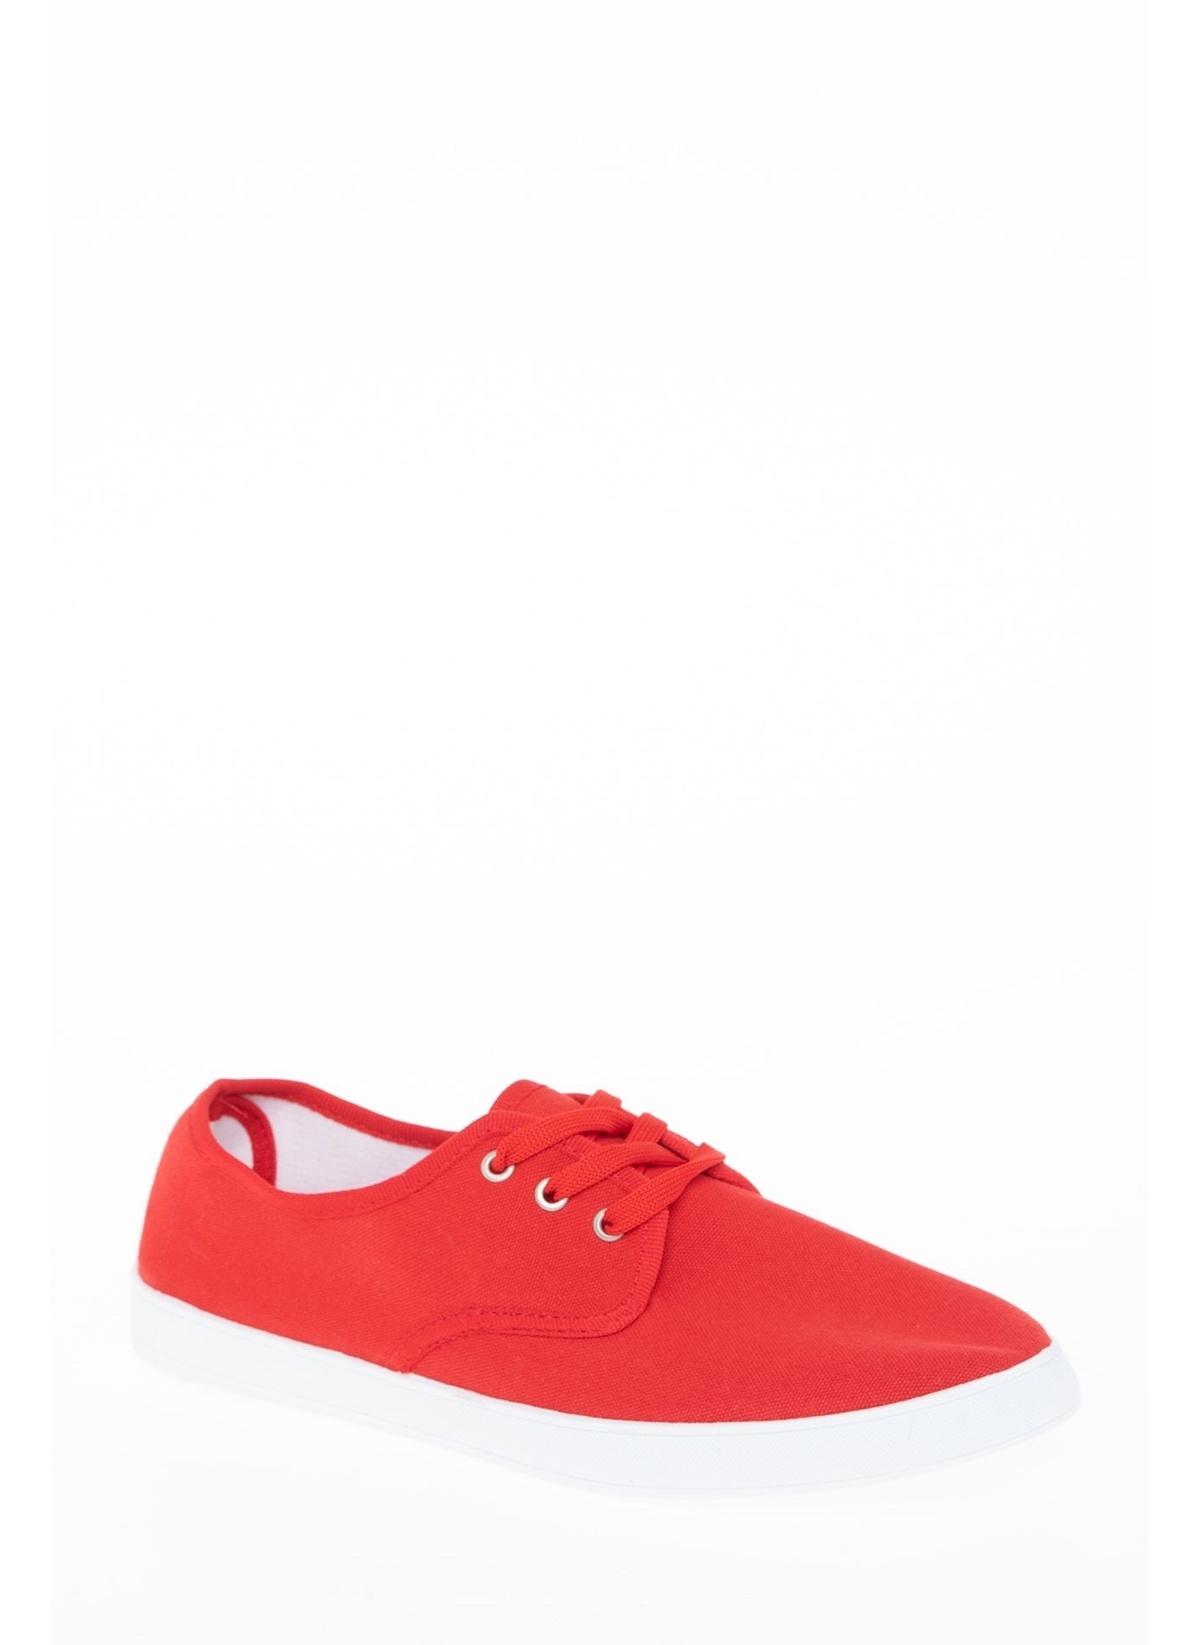 Defacto Sneakers K4748az19sprd1lifestyle Ayakkabı – 39.99 TL